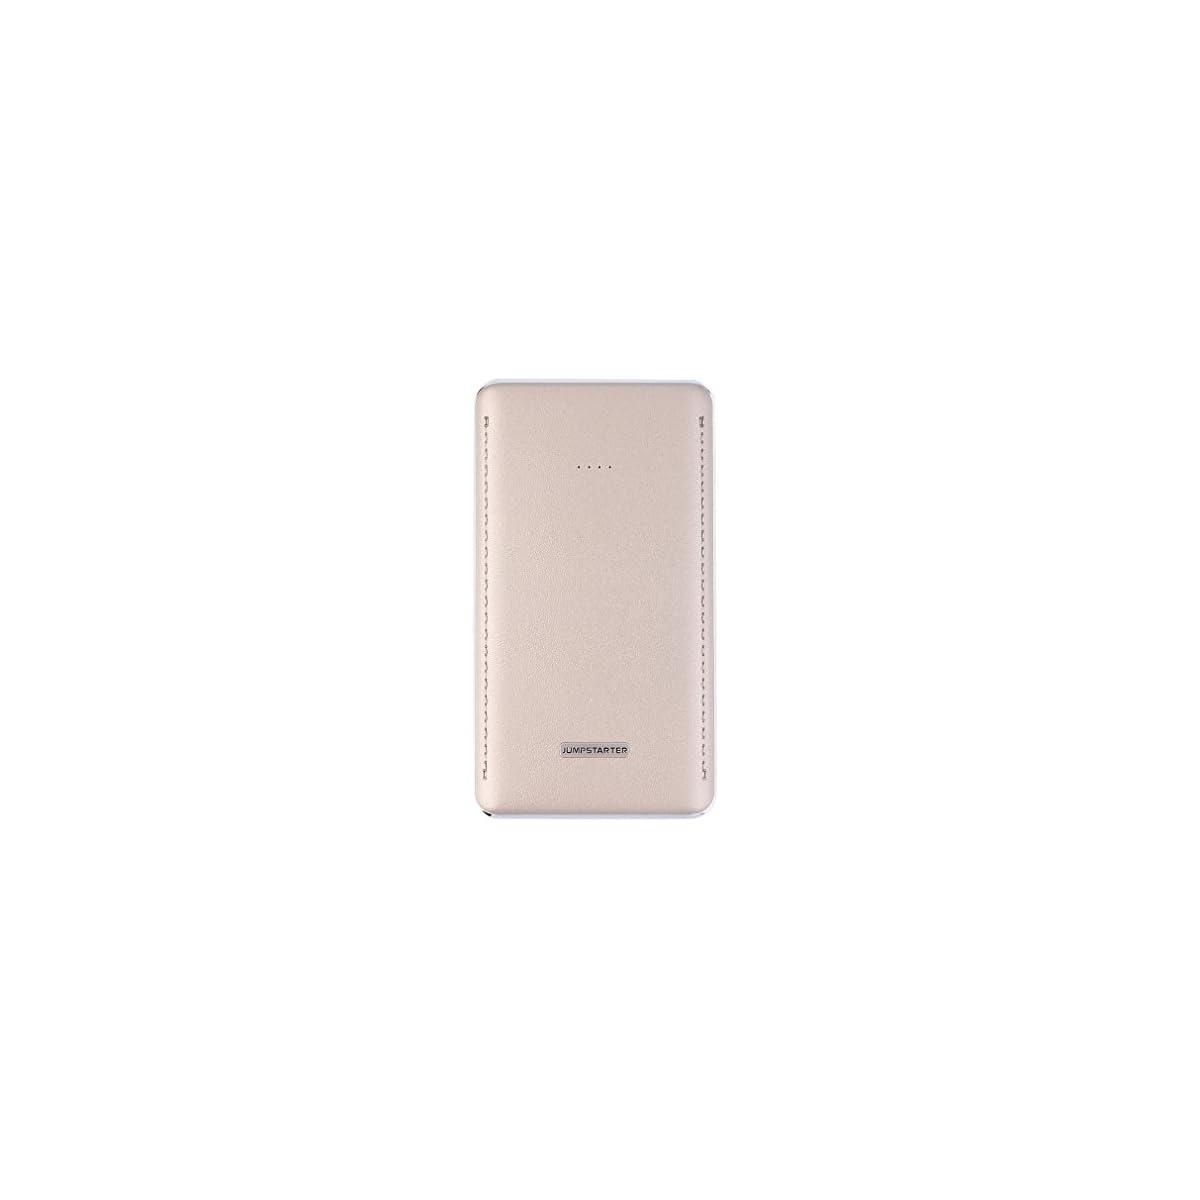 41uzb5U9VWL. SS1200  - Batería recargable portátil para inicio de emergencia de coche, 360A pico 10000mAh con linterna LED de emergencia, de CNMODLE